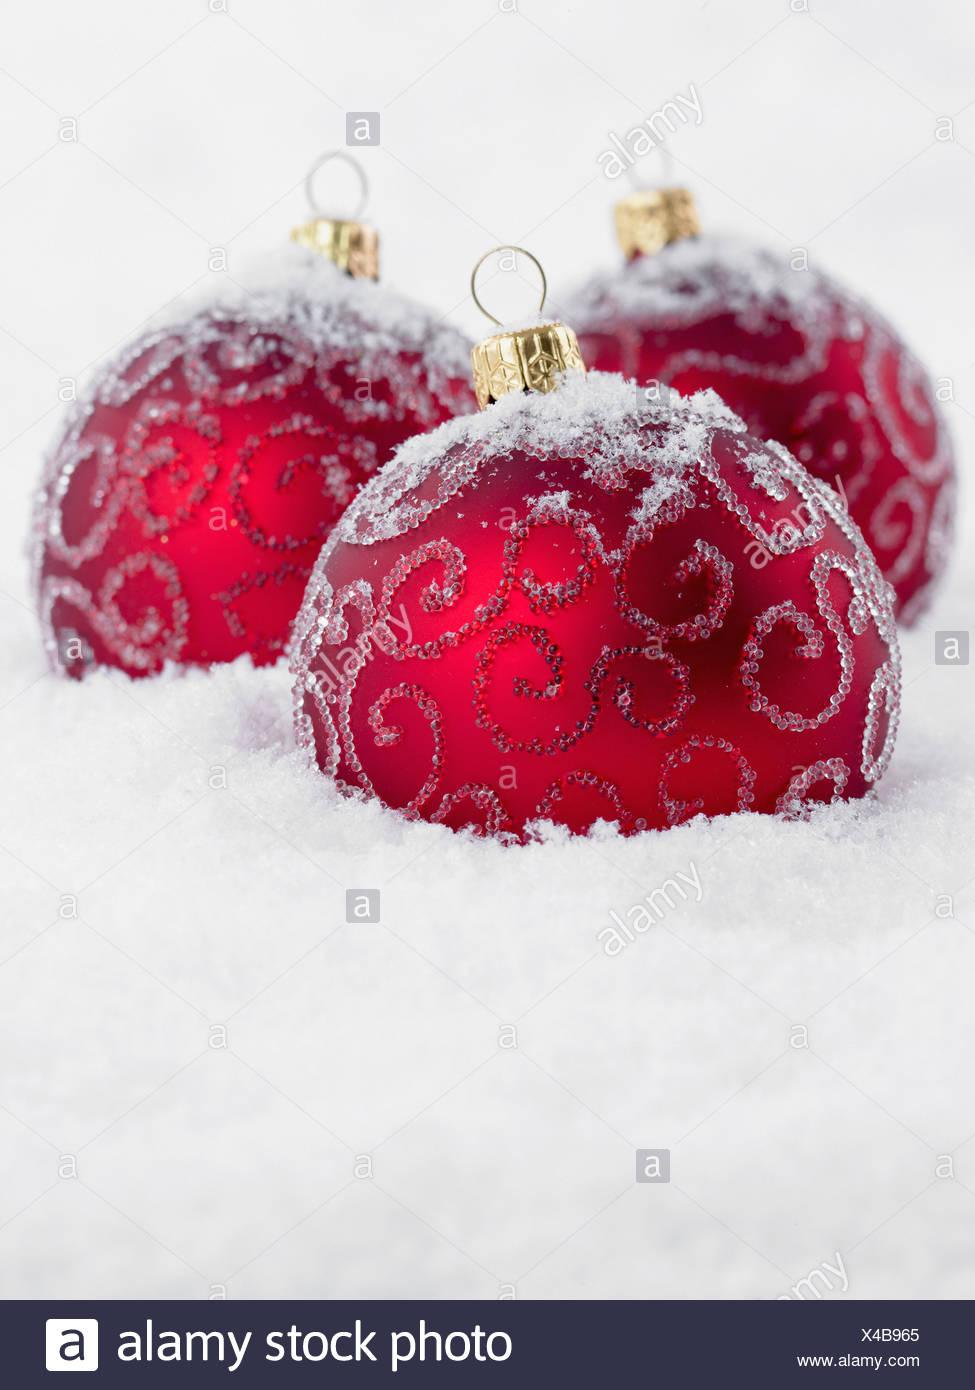 Close up red Ornamenti natale nella neve Immagini Stock